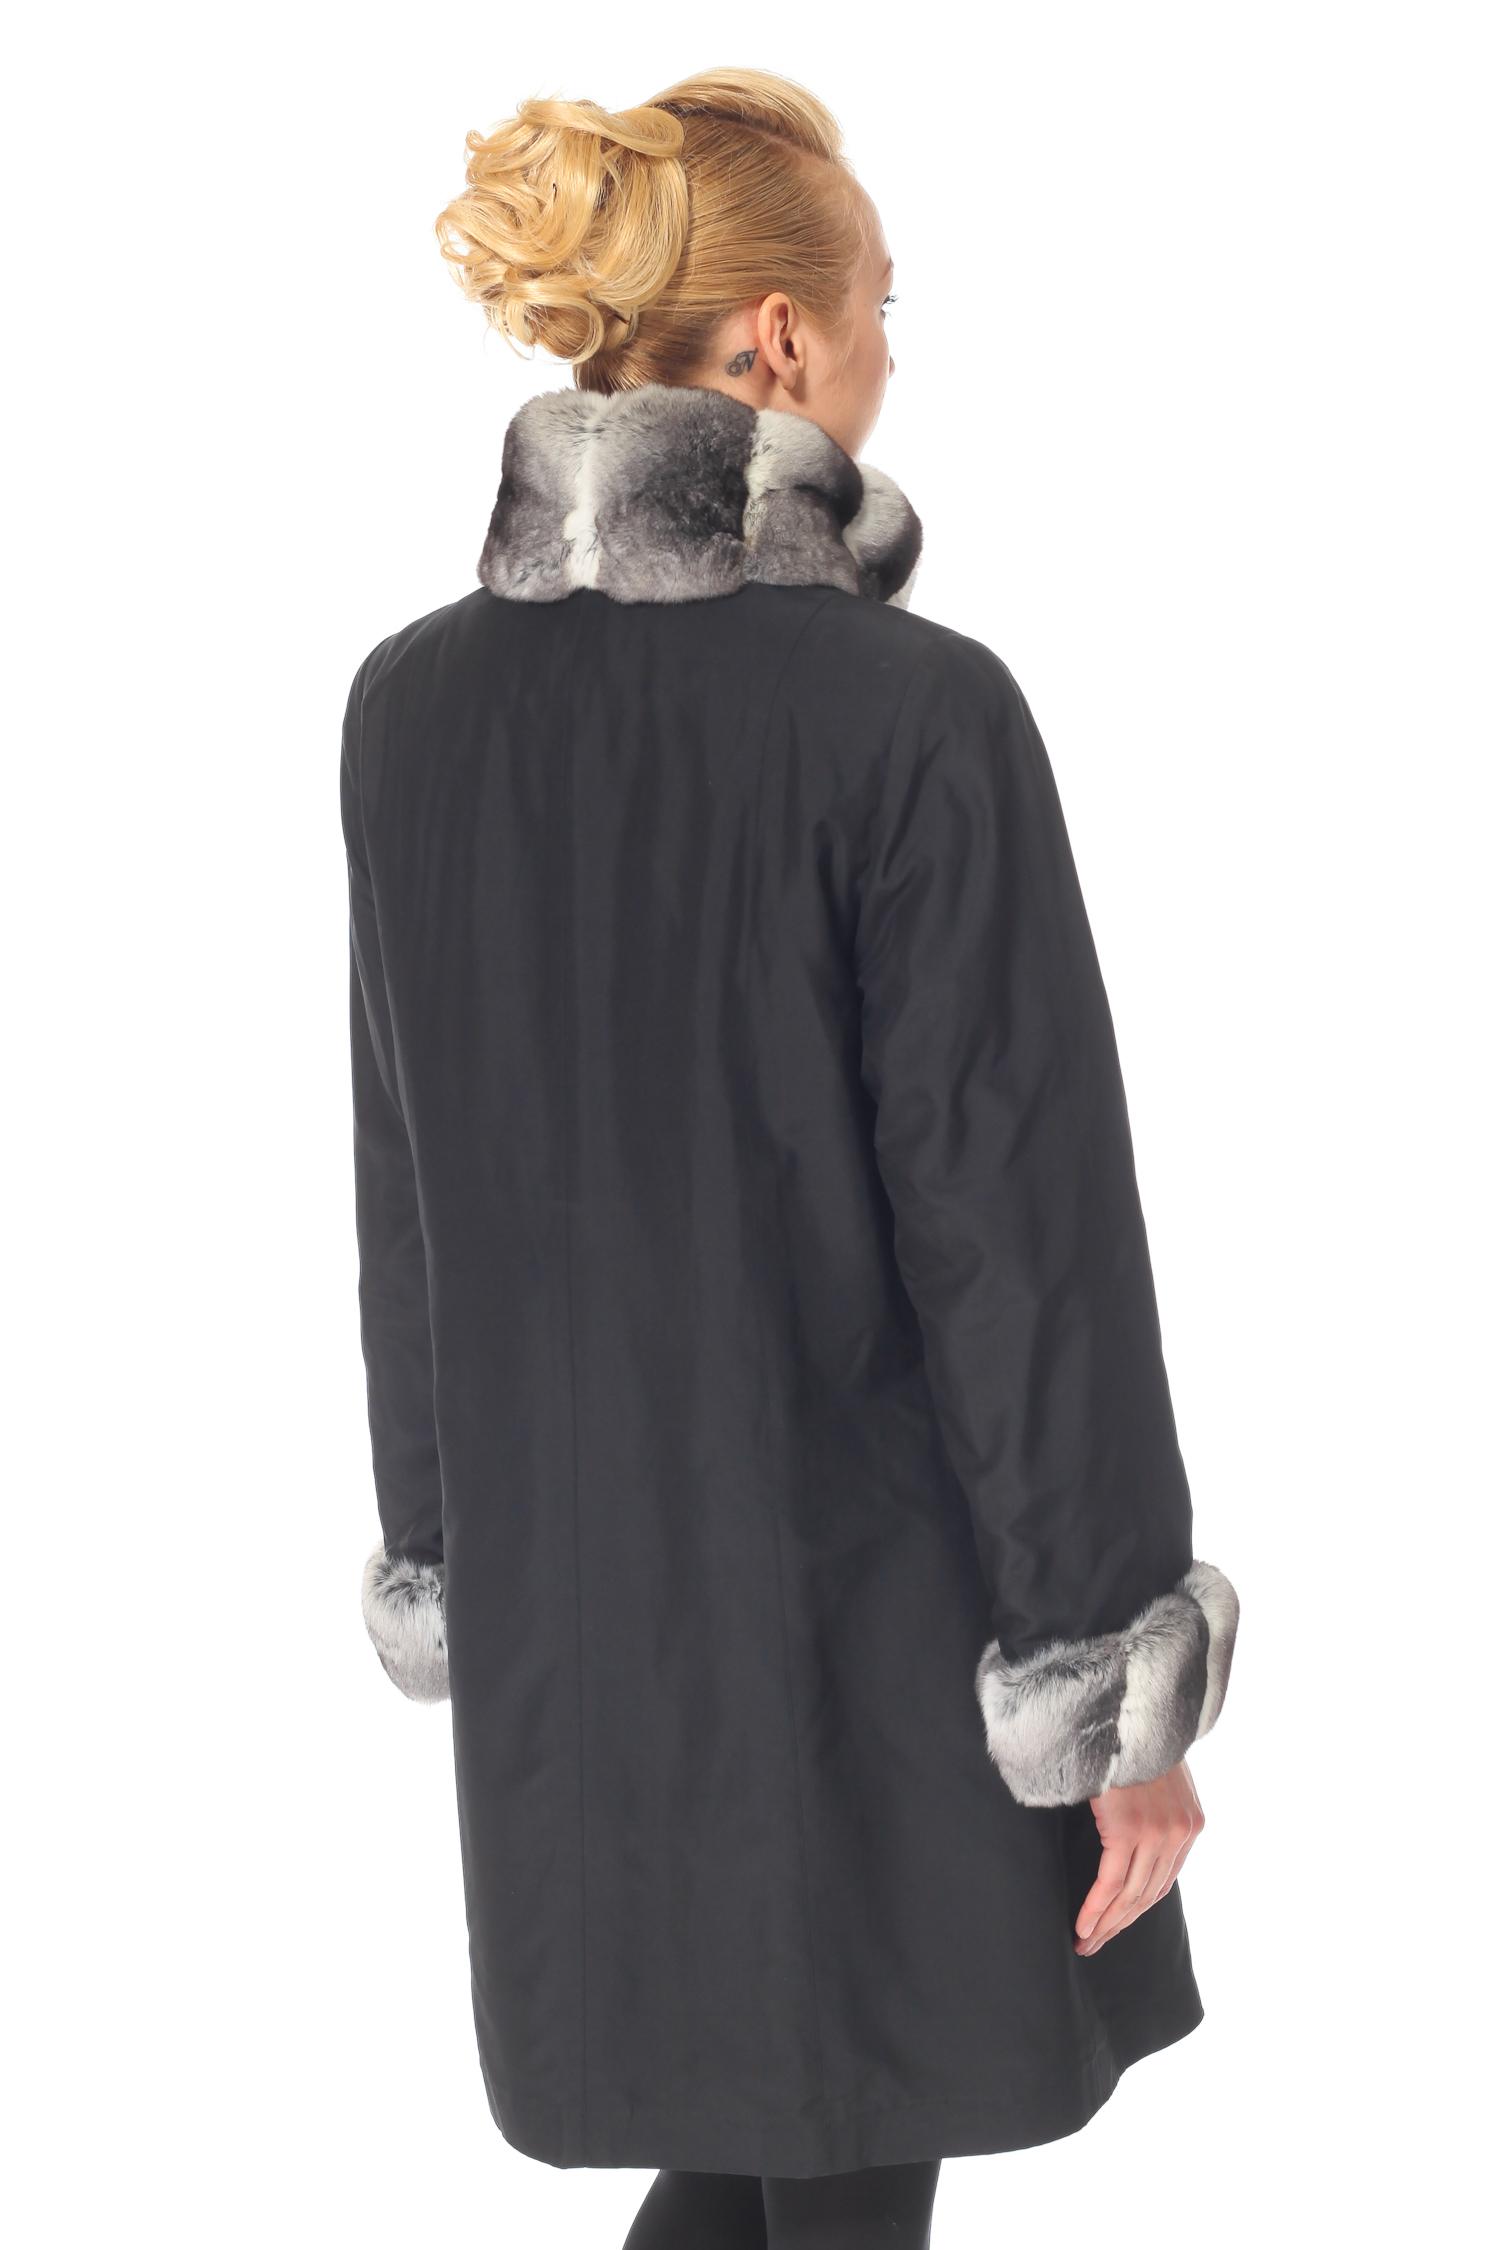 Пальто двухстороннее на меху с воротником, отделка норка, Рекс от Московская Меховая Компания